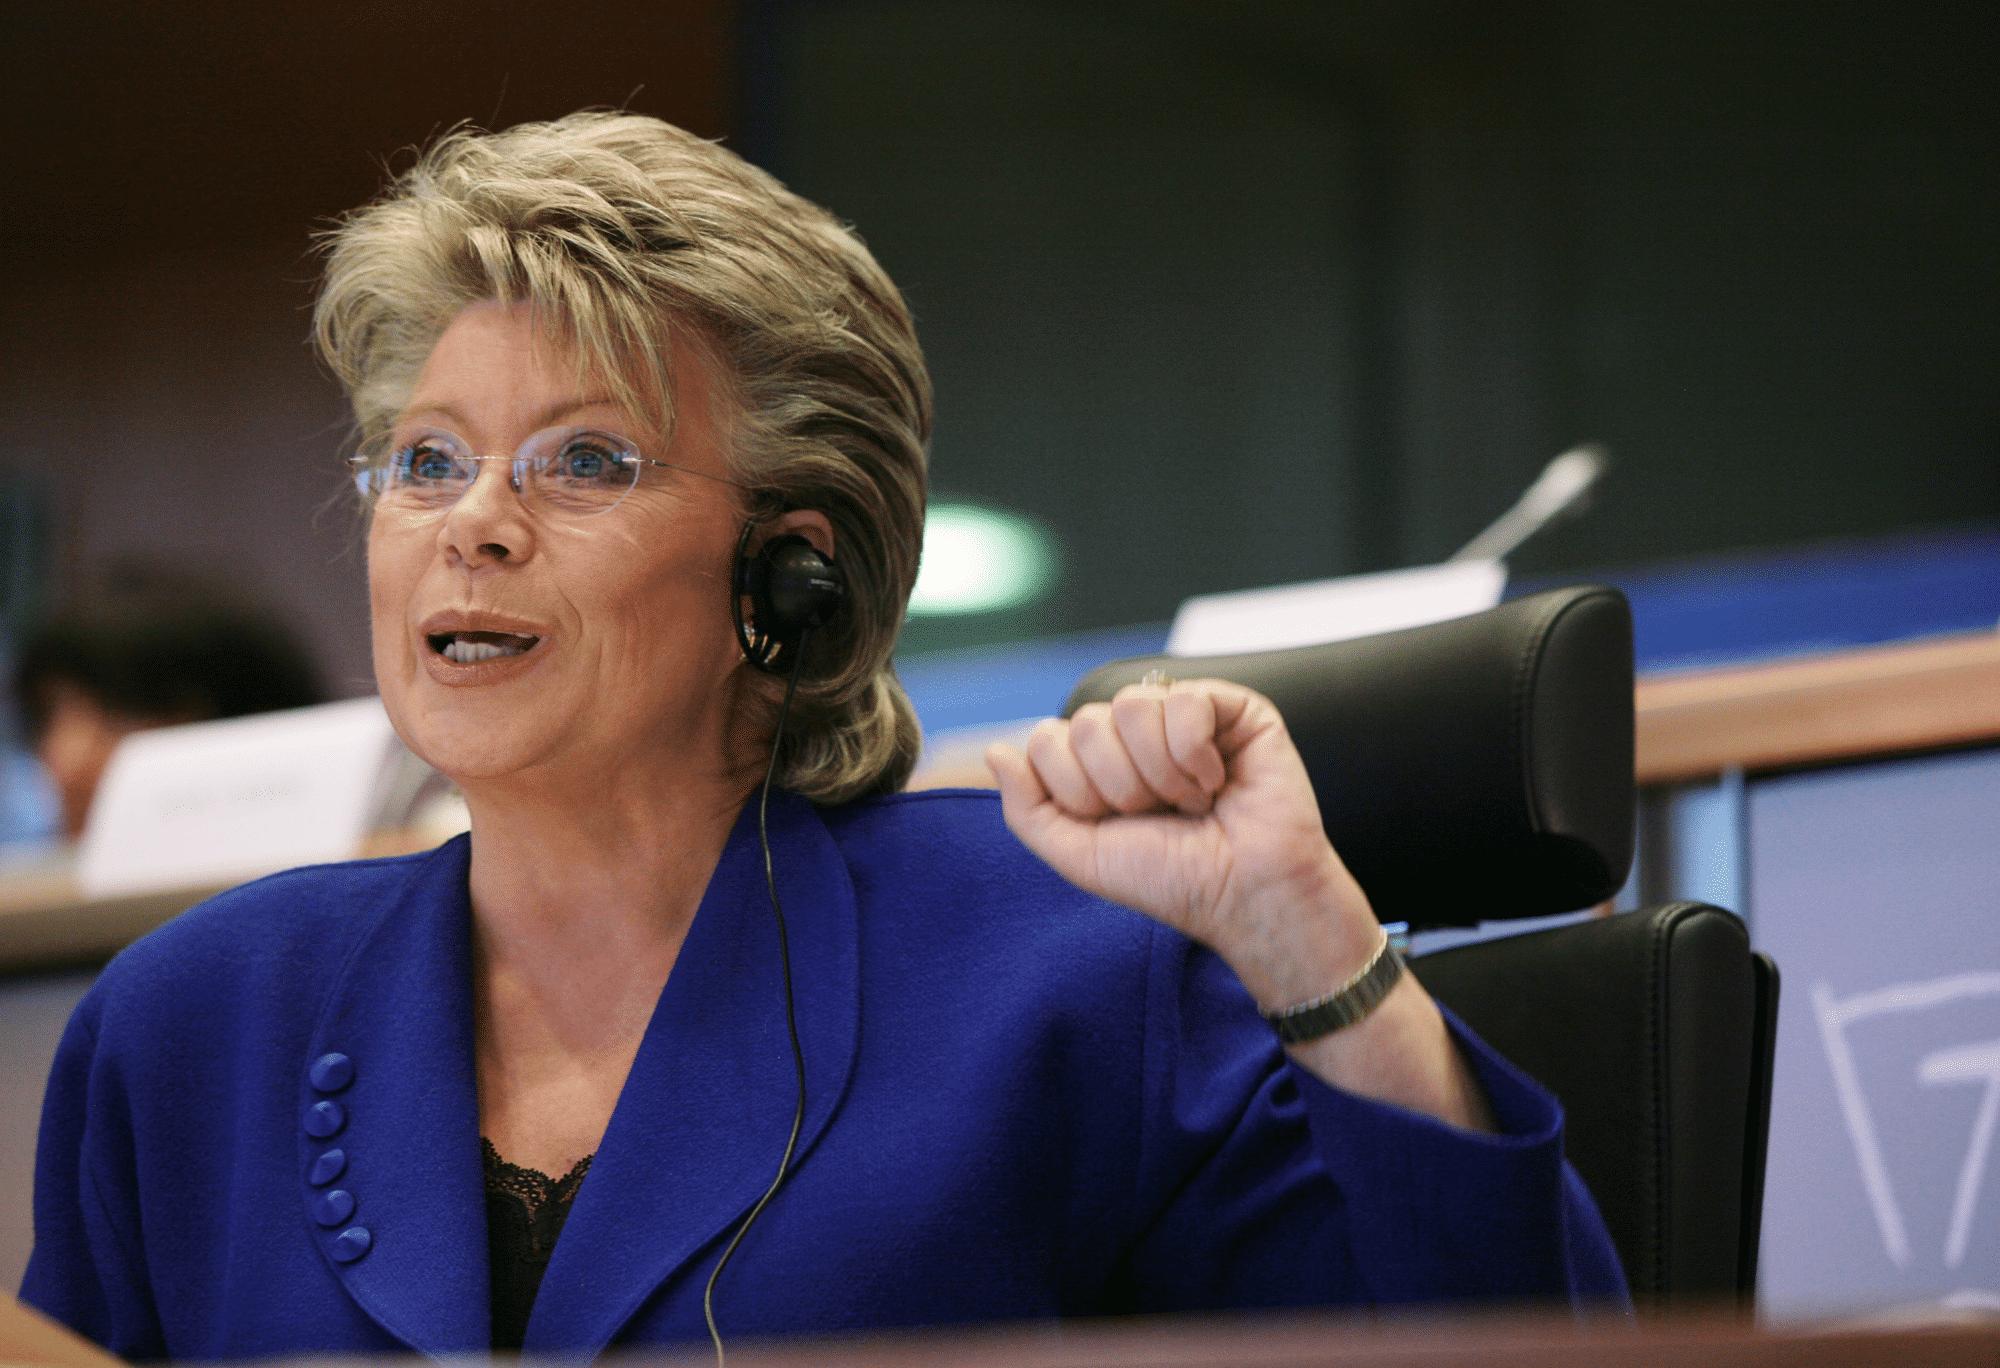 Viviane Reding, EU-Justizkommissarin und Vizepräsidentin der EU-Kommission, will beim EU-Datenschutzrecht Klarheit schaffen.